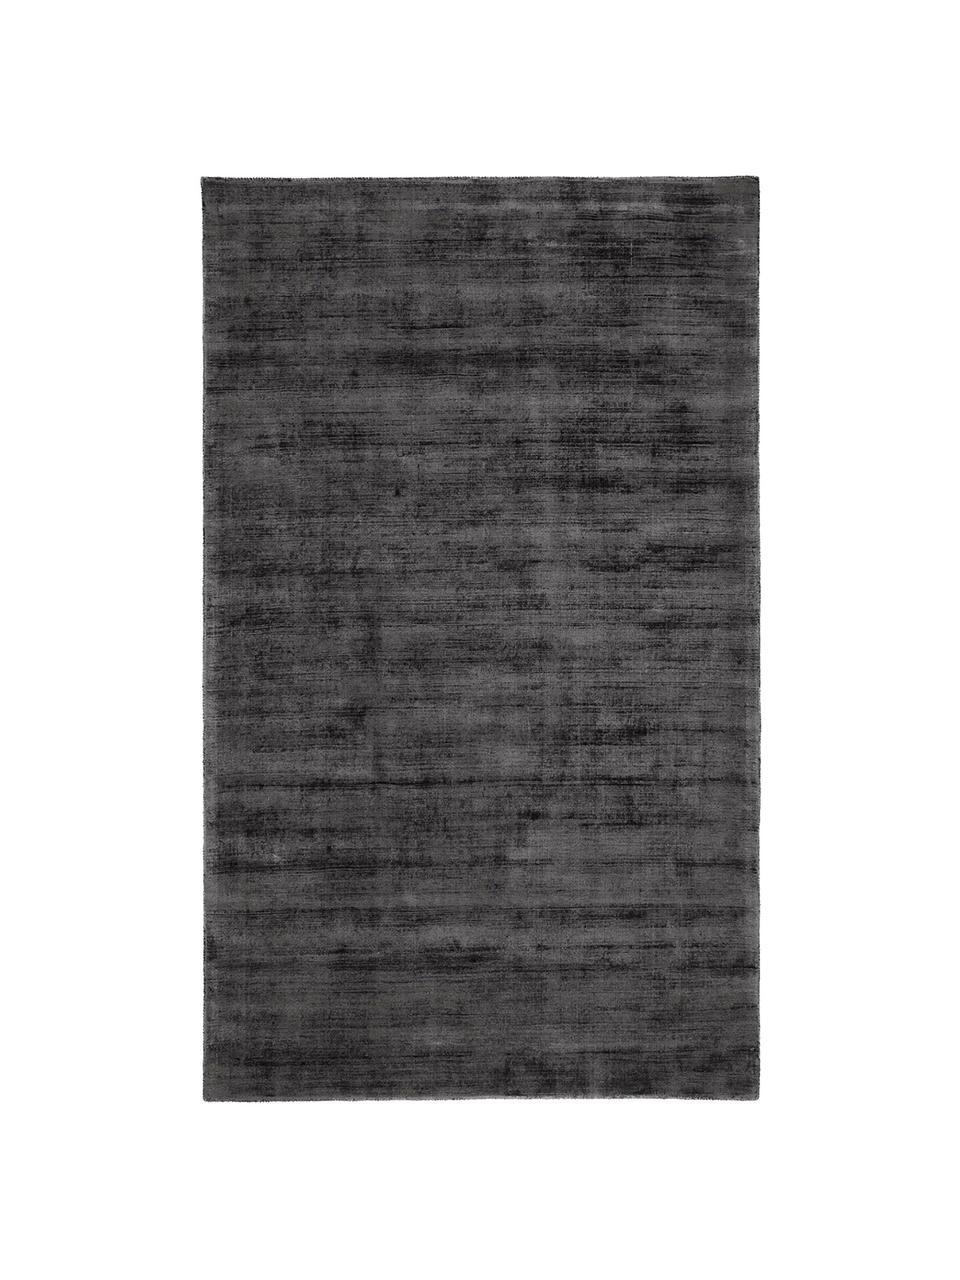 Alfombra artesanal de viscosa Jane, Parte superior: 100%viscosa, Reverso: 100%algodón, Negro antracita, An 160 x L 230 cm (Tamaño M)